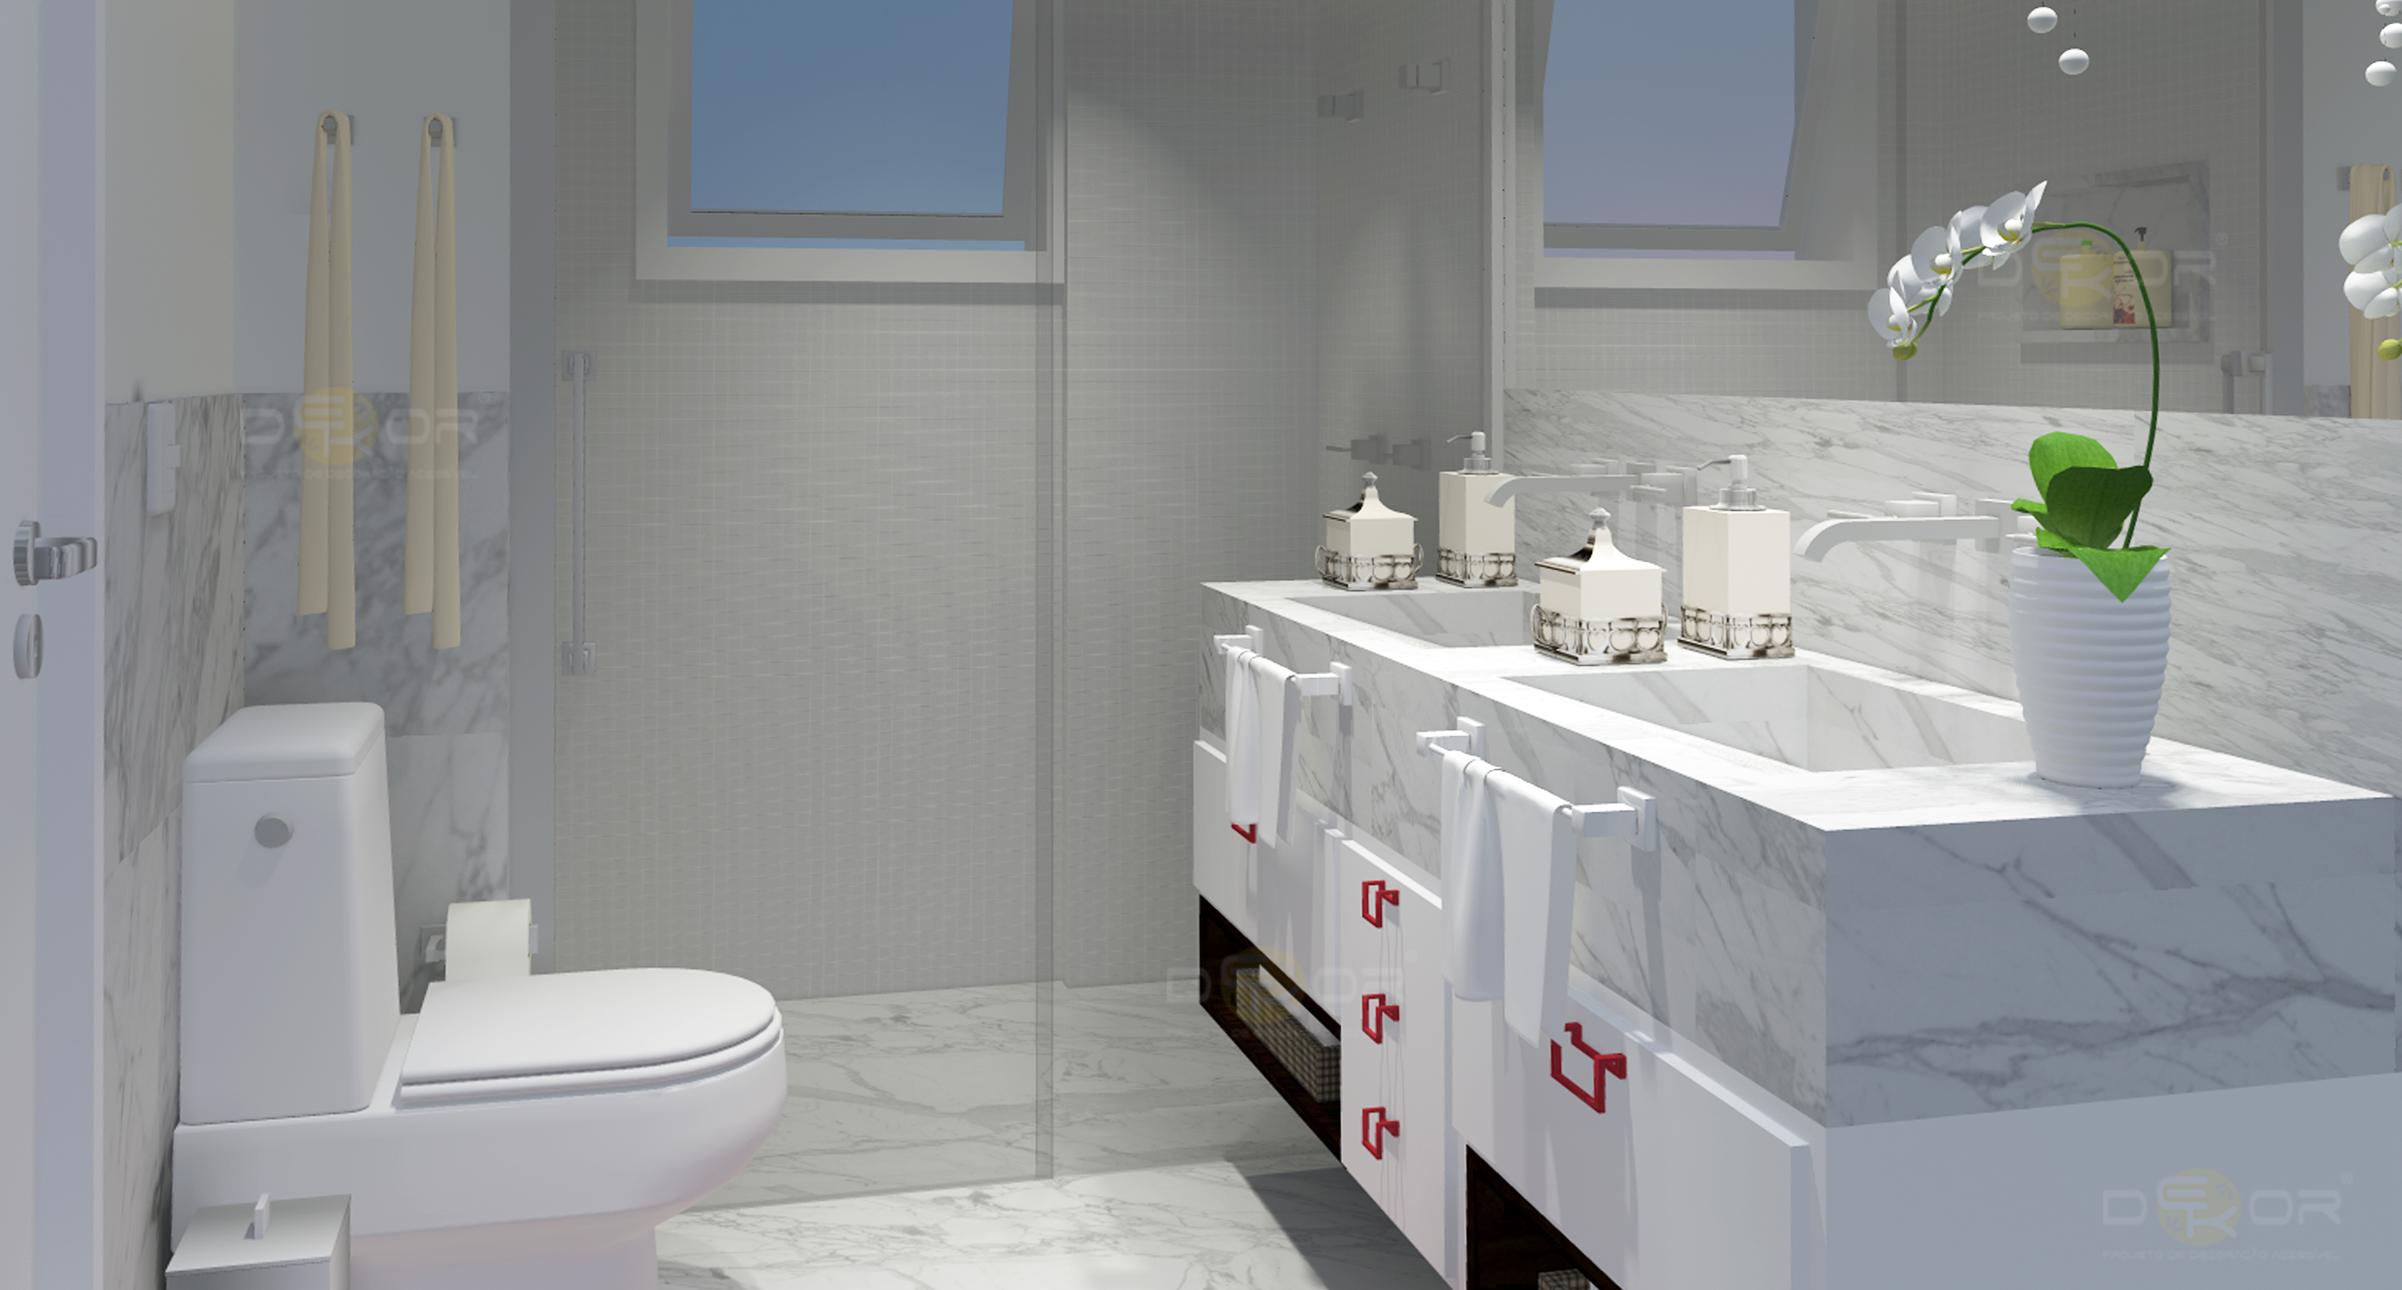 banheiro feminino:05/03/2014 2402 × 1290 Projeto de Banheiro  #773538 2402 1290